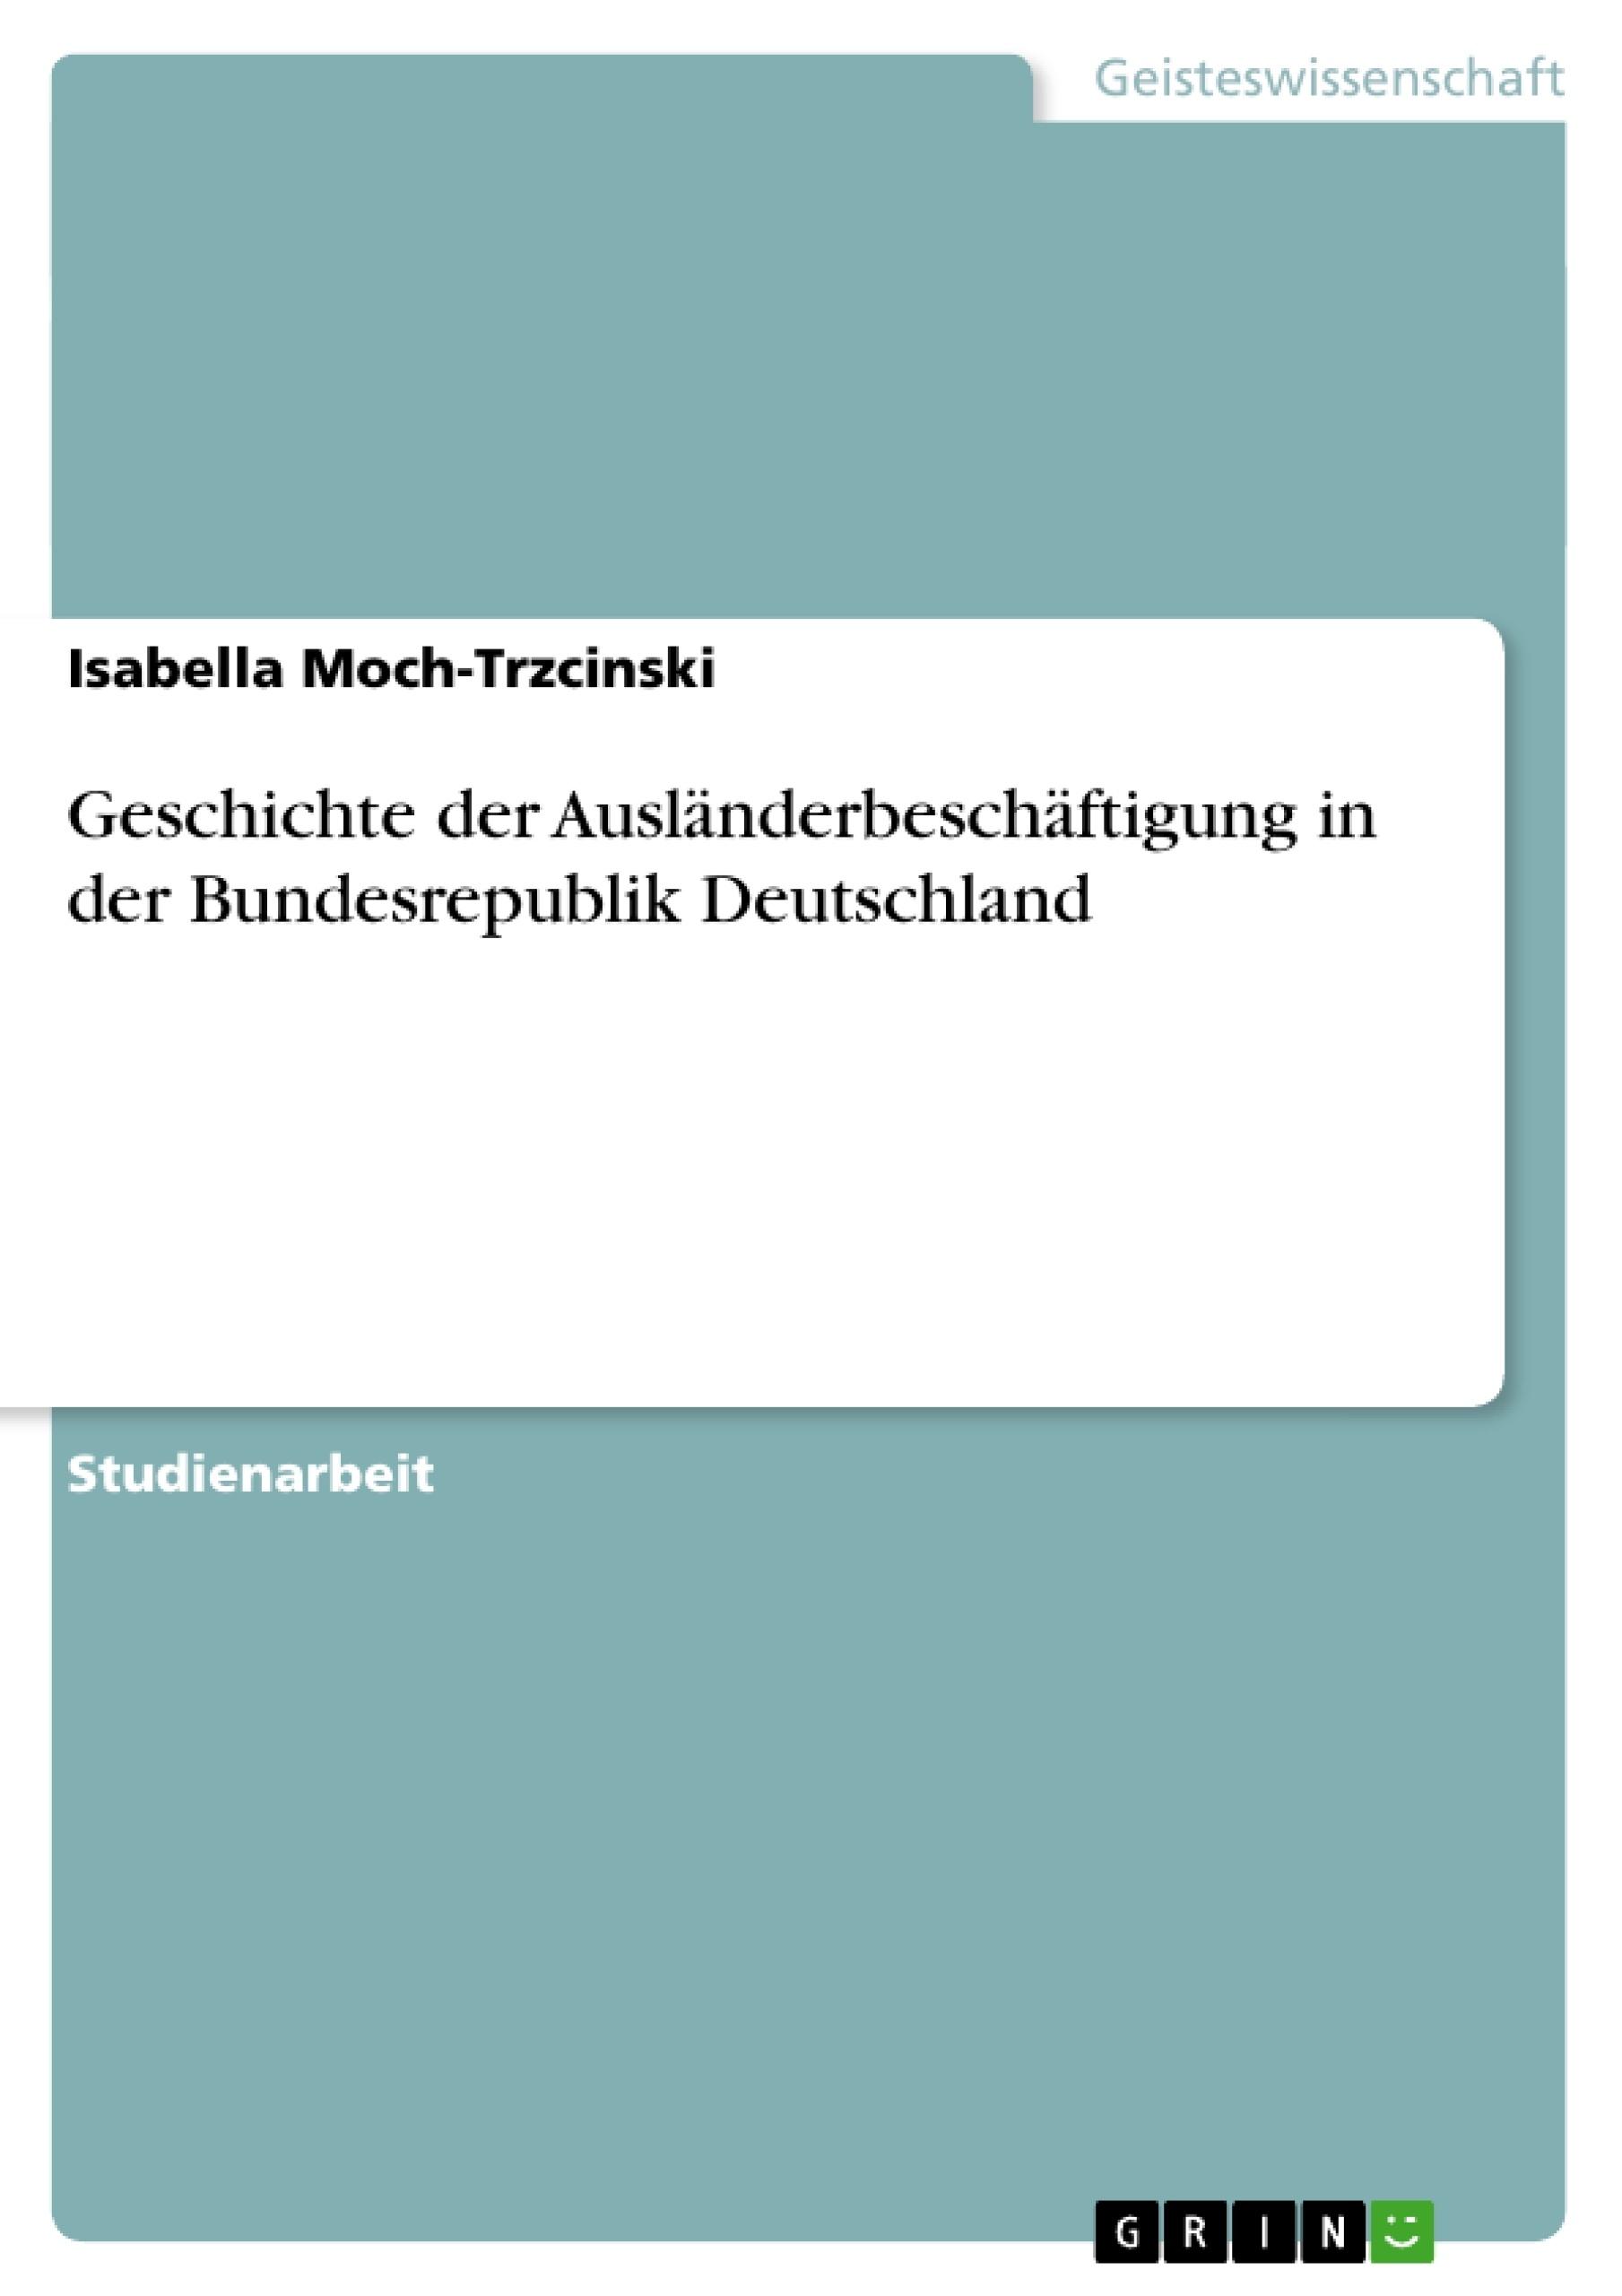 Titel: Geschichte der Ausländerbeschäftigung in der Bundesrepublik Deutschland